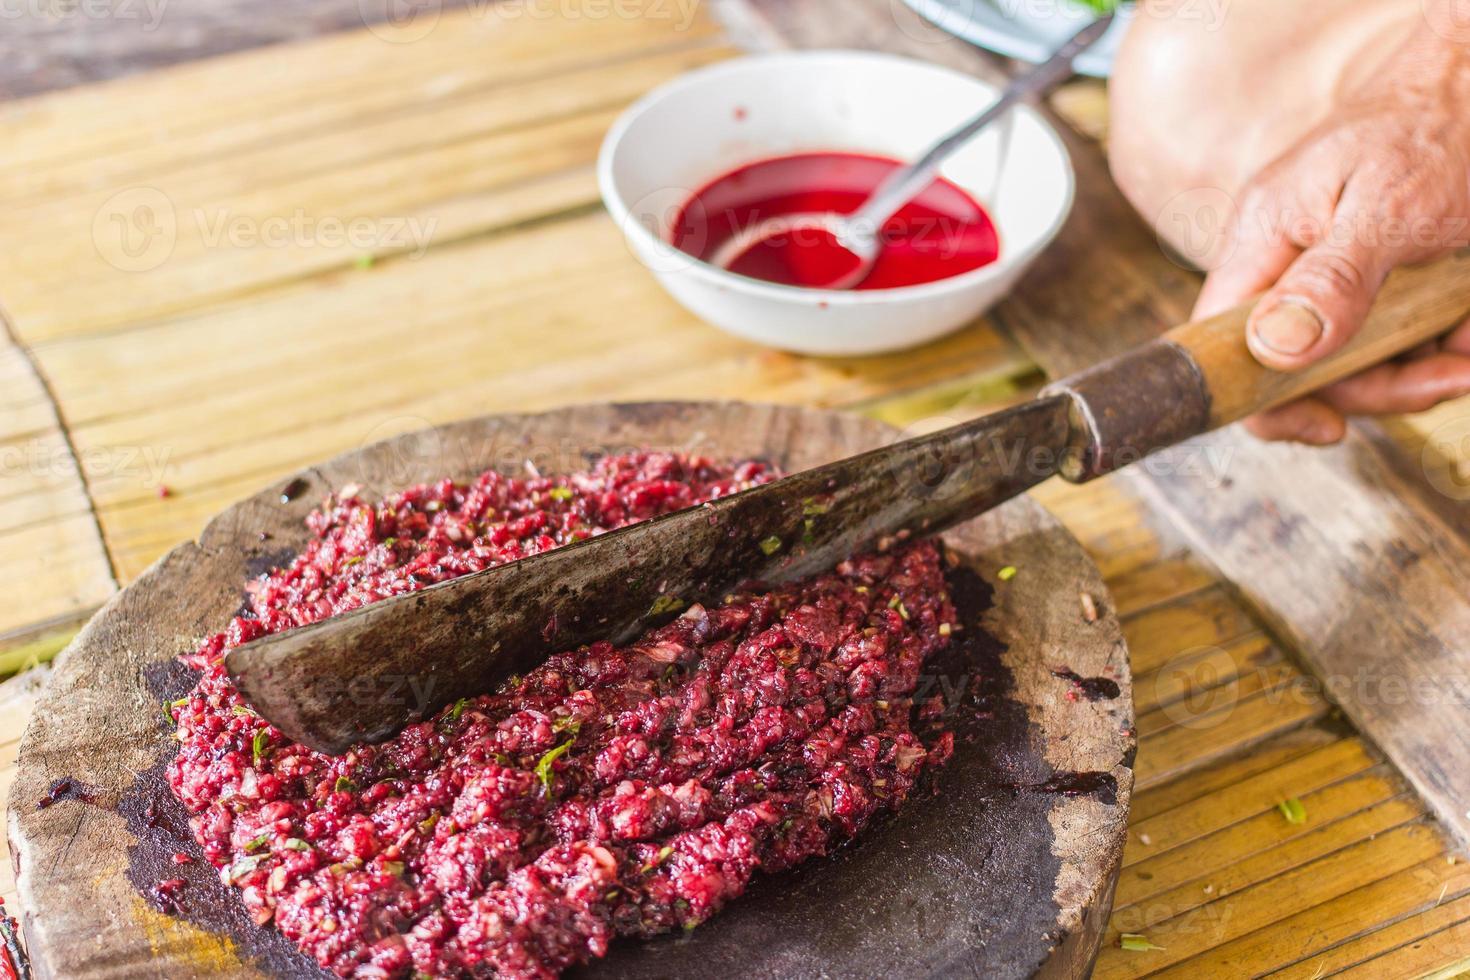 carne crua orgânica no bloco de madeira foto